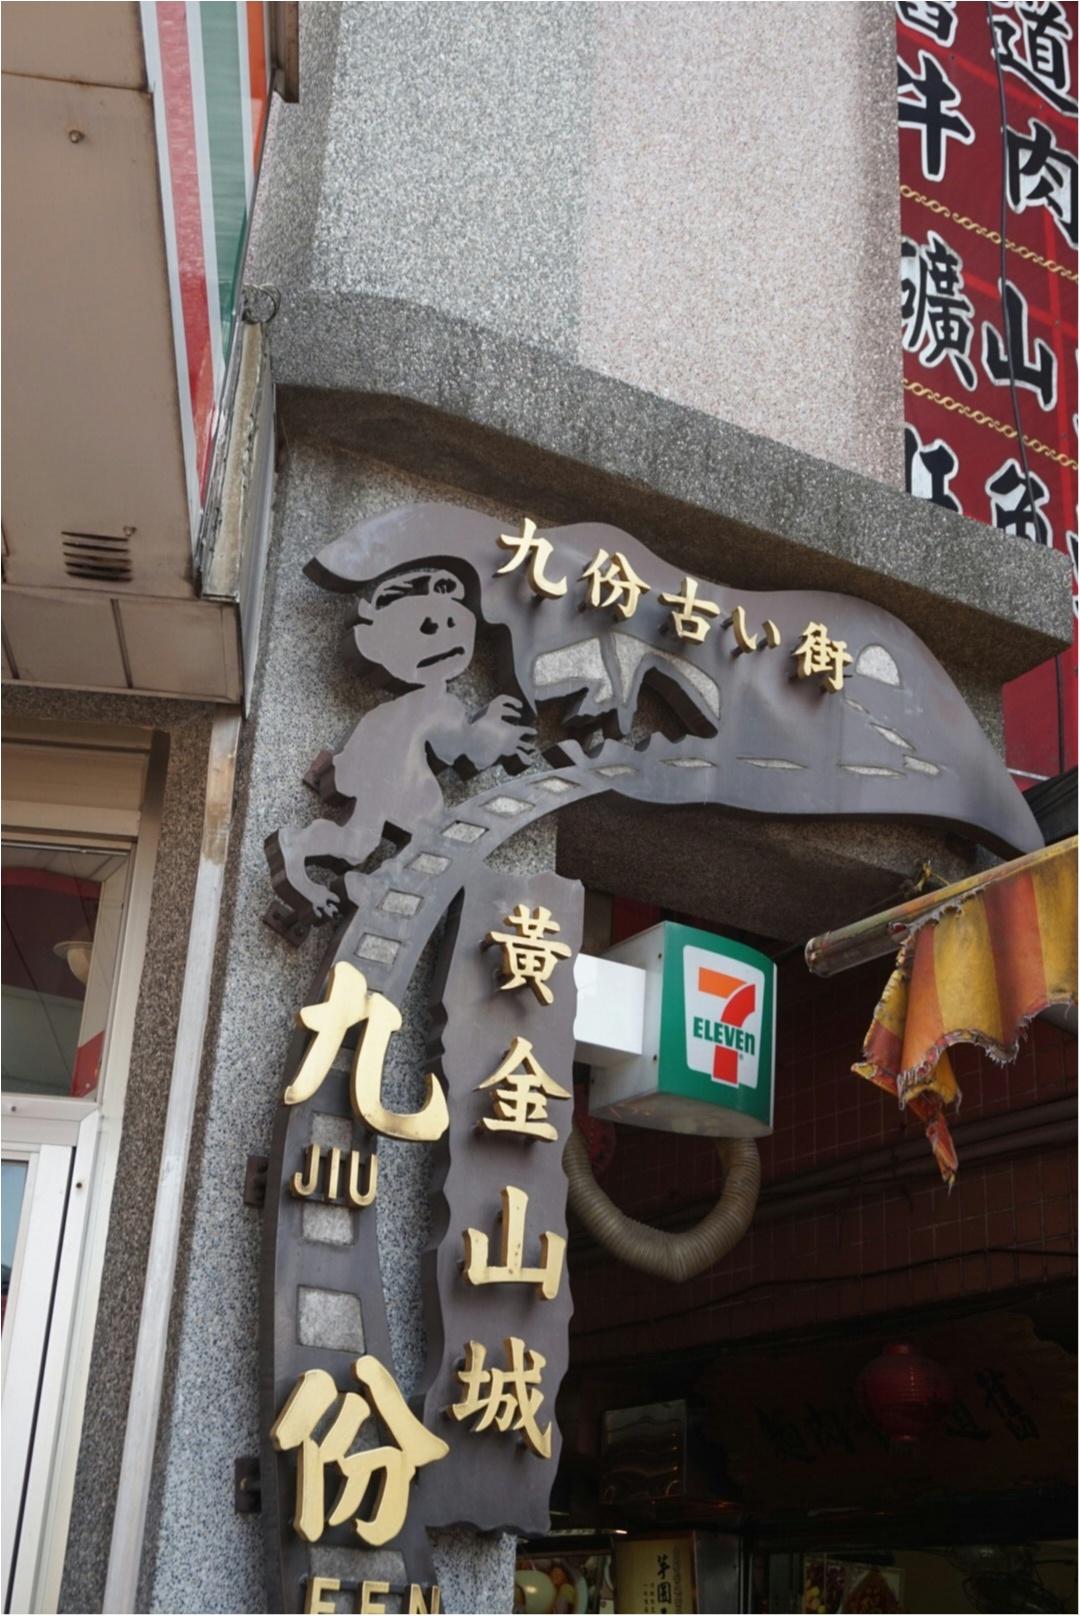 【旅行】週末台湾♡その4・あの映画のモデルの建物も!台湾の超人気スポット徹底レポ_1